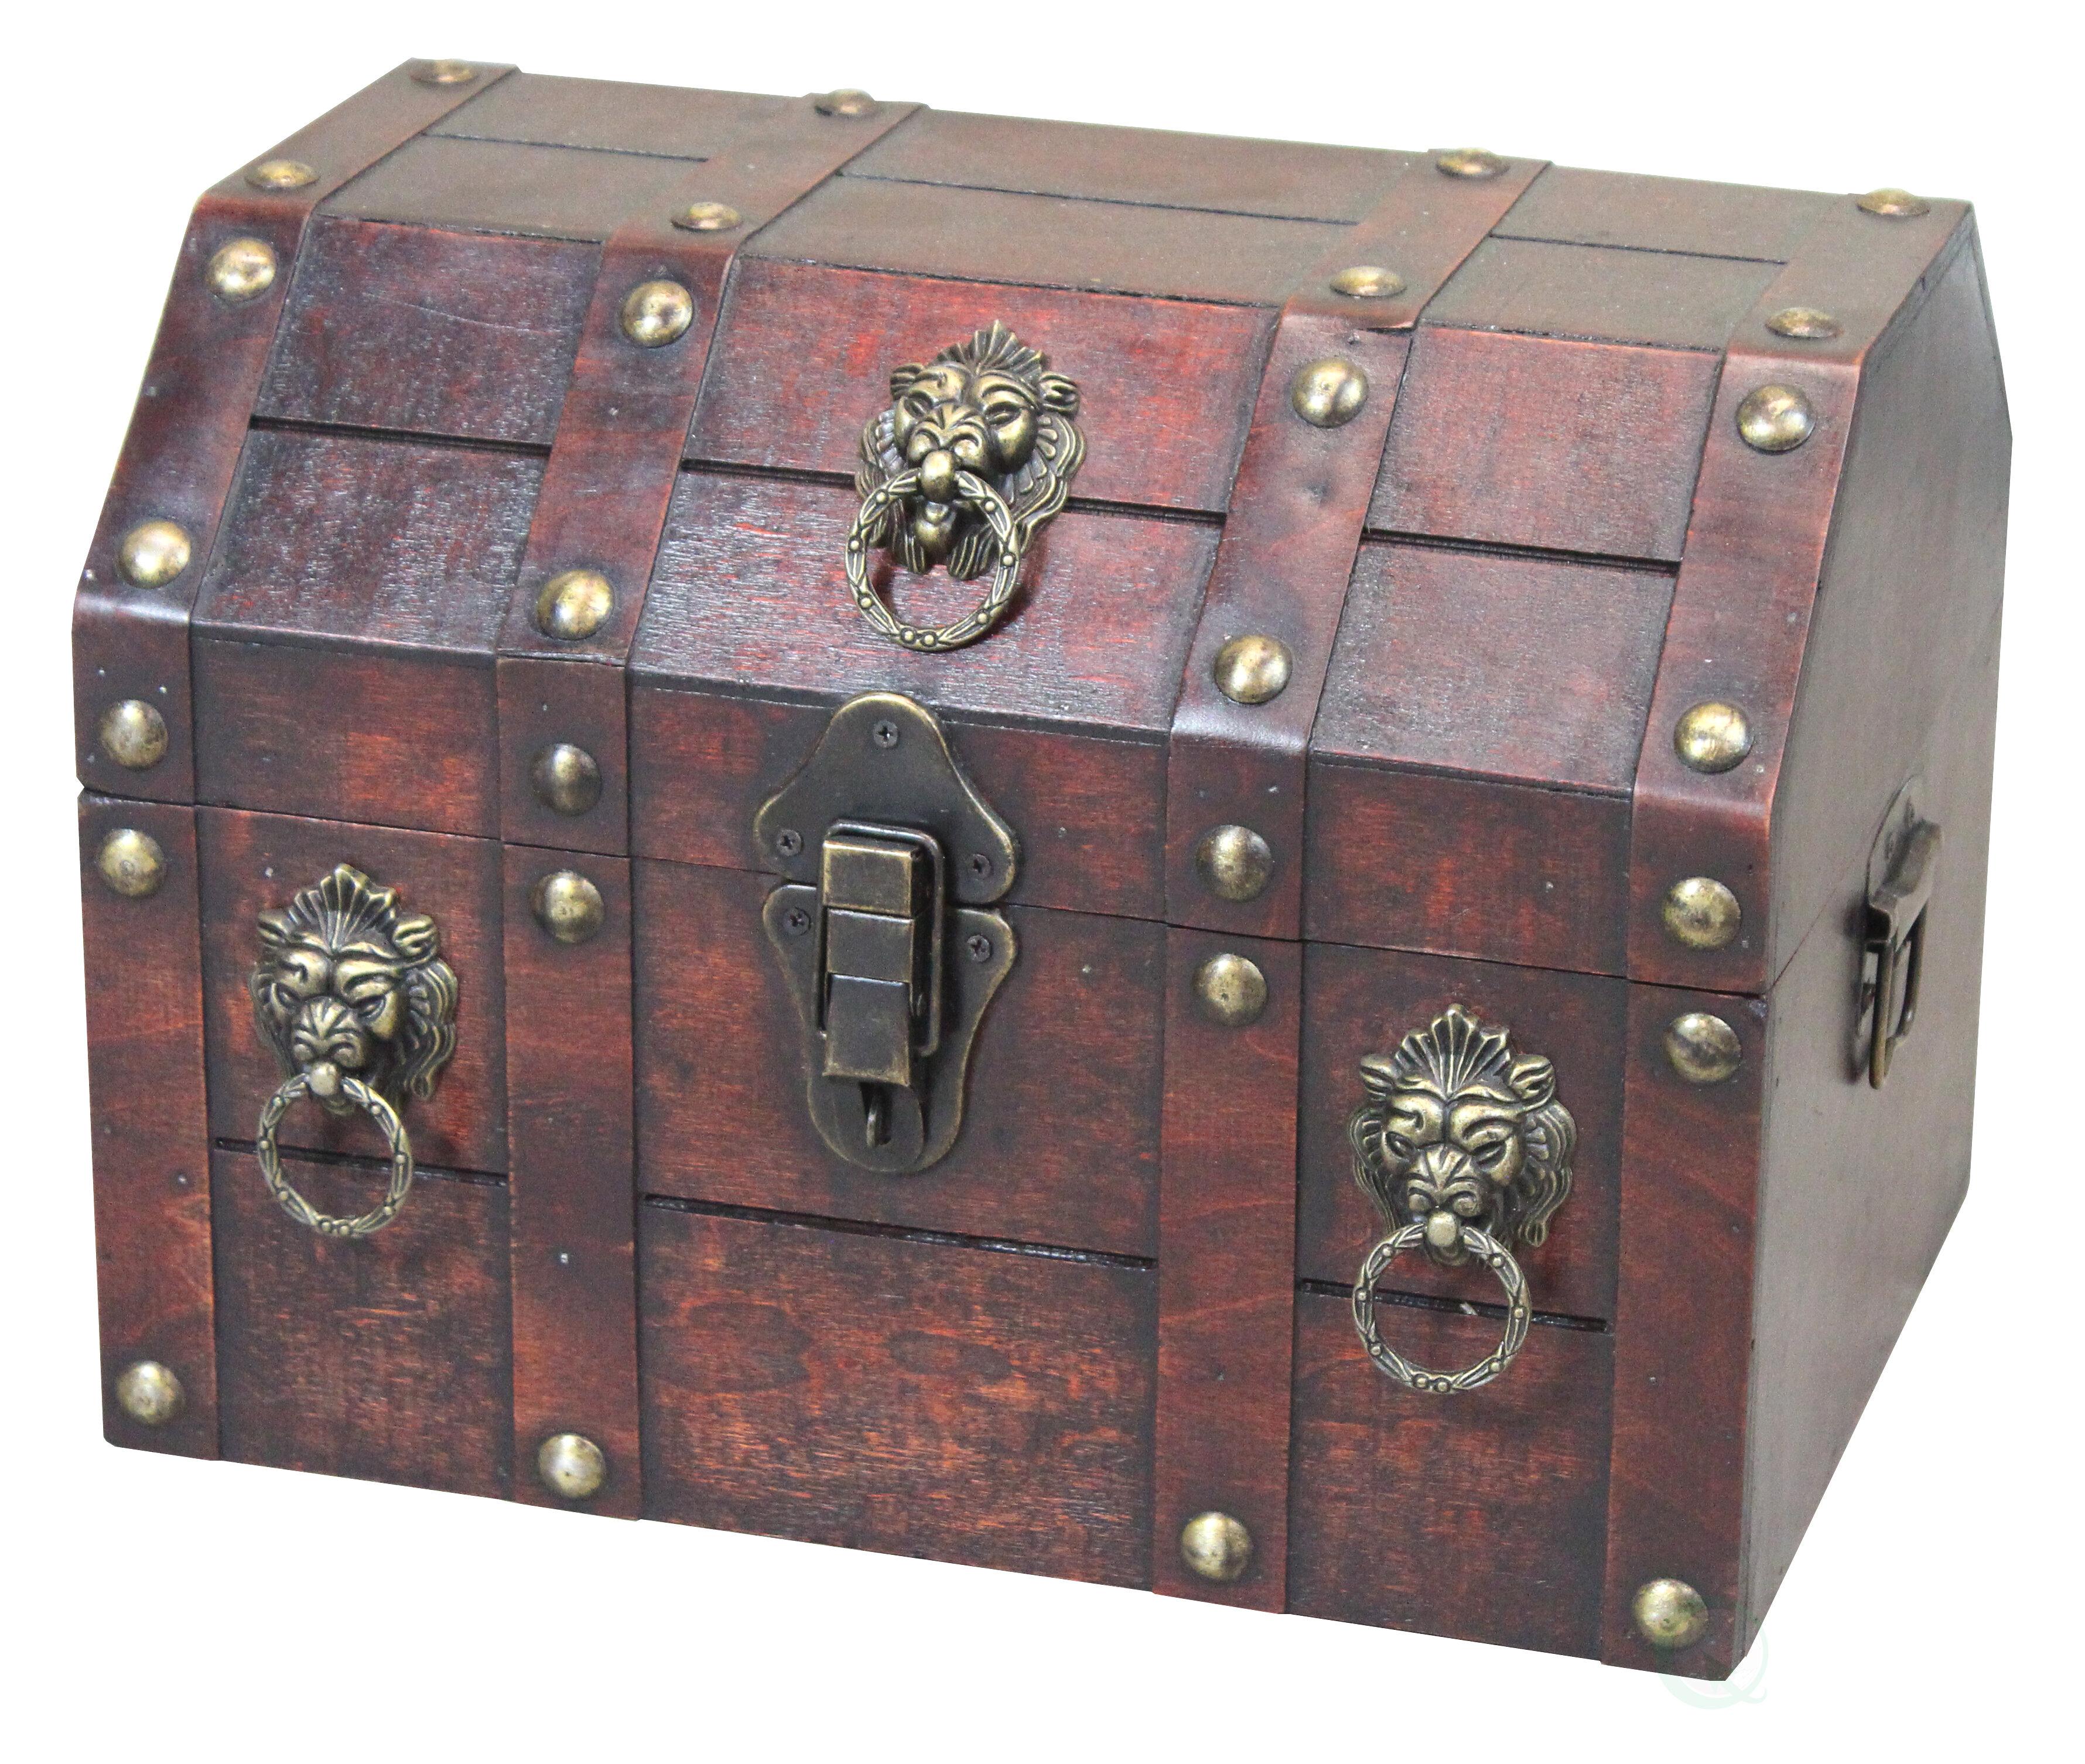 Set 3 Pirate Storage Bo Stacking